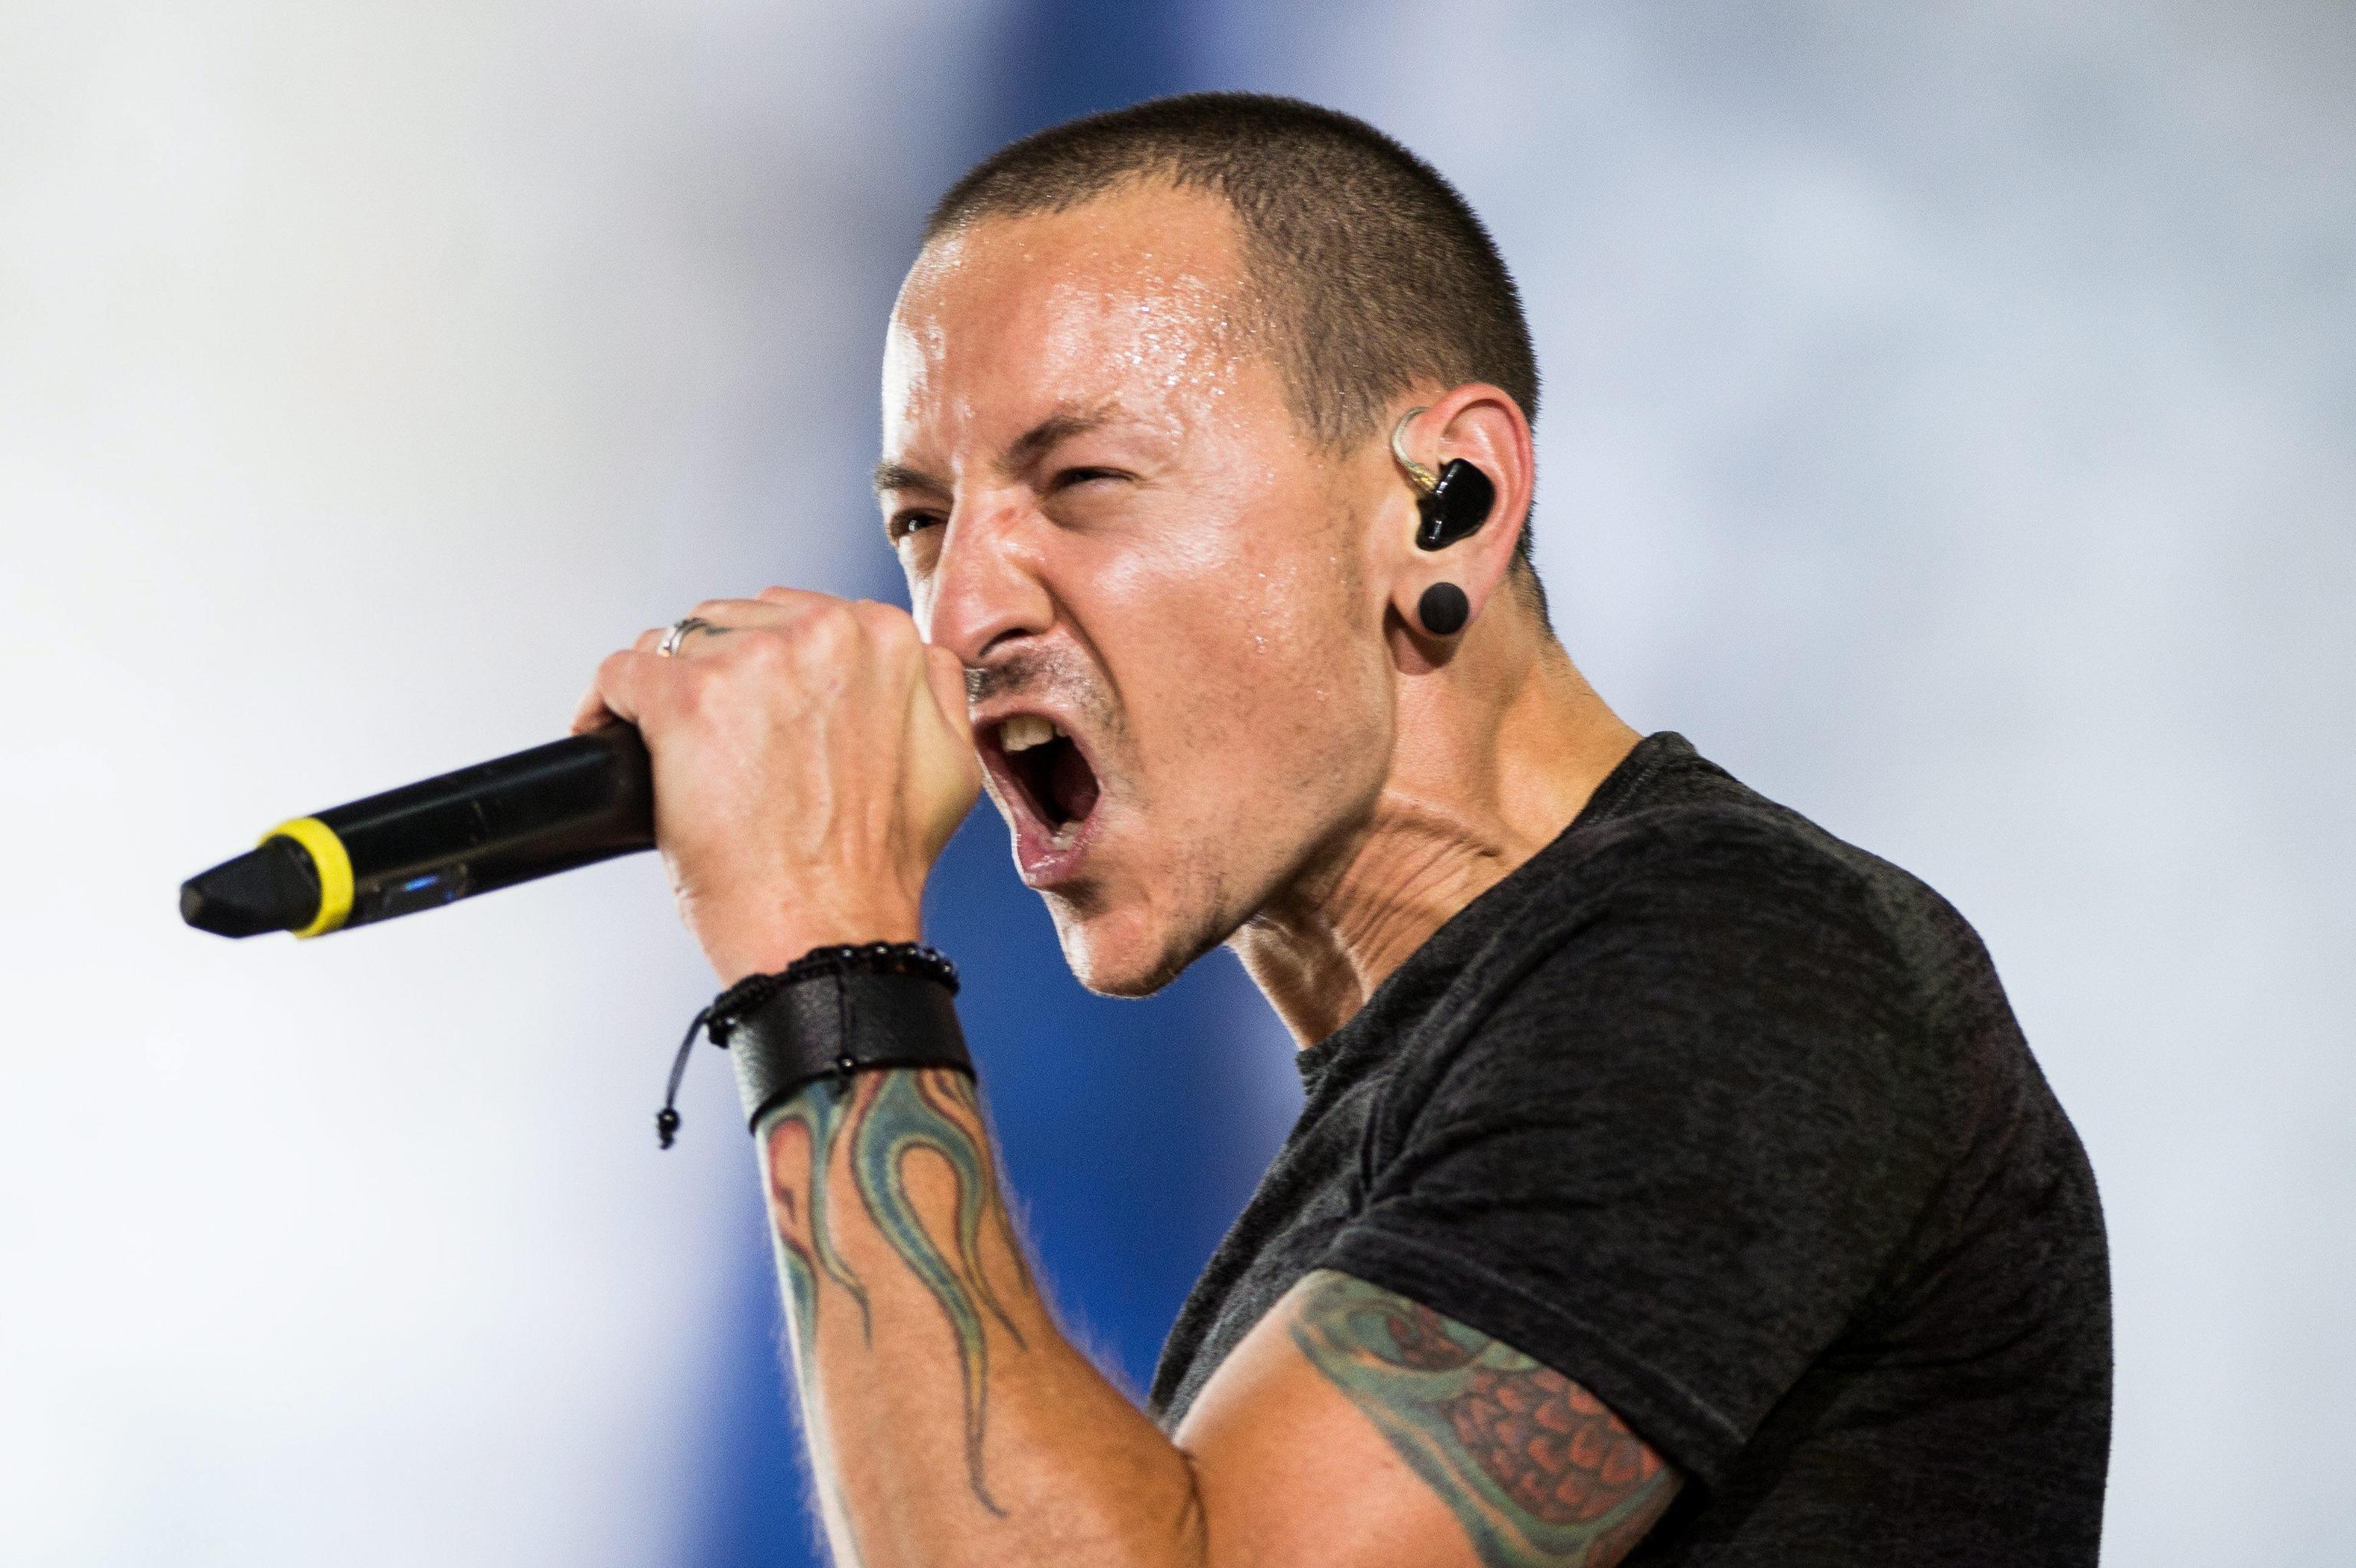 Morto Chester Bennington dei Linkin Park: il cantante si è suicidato